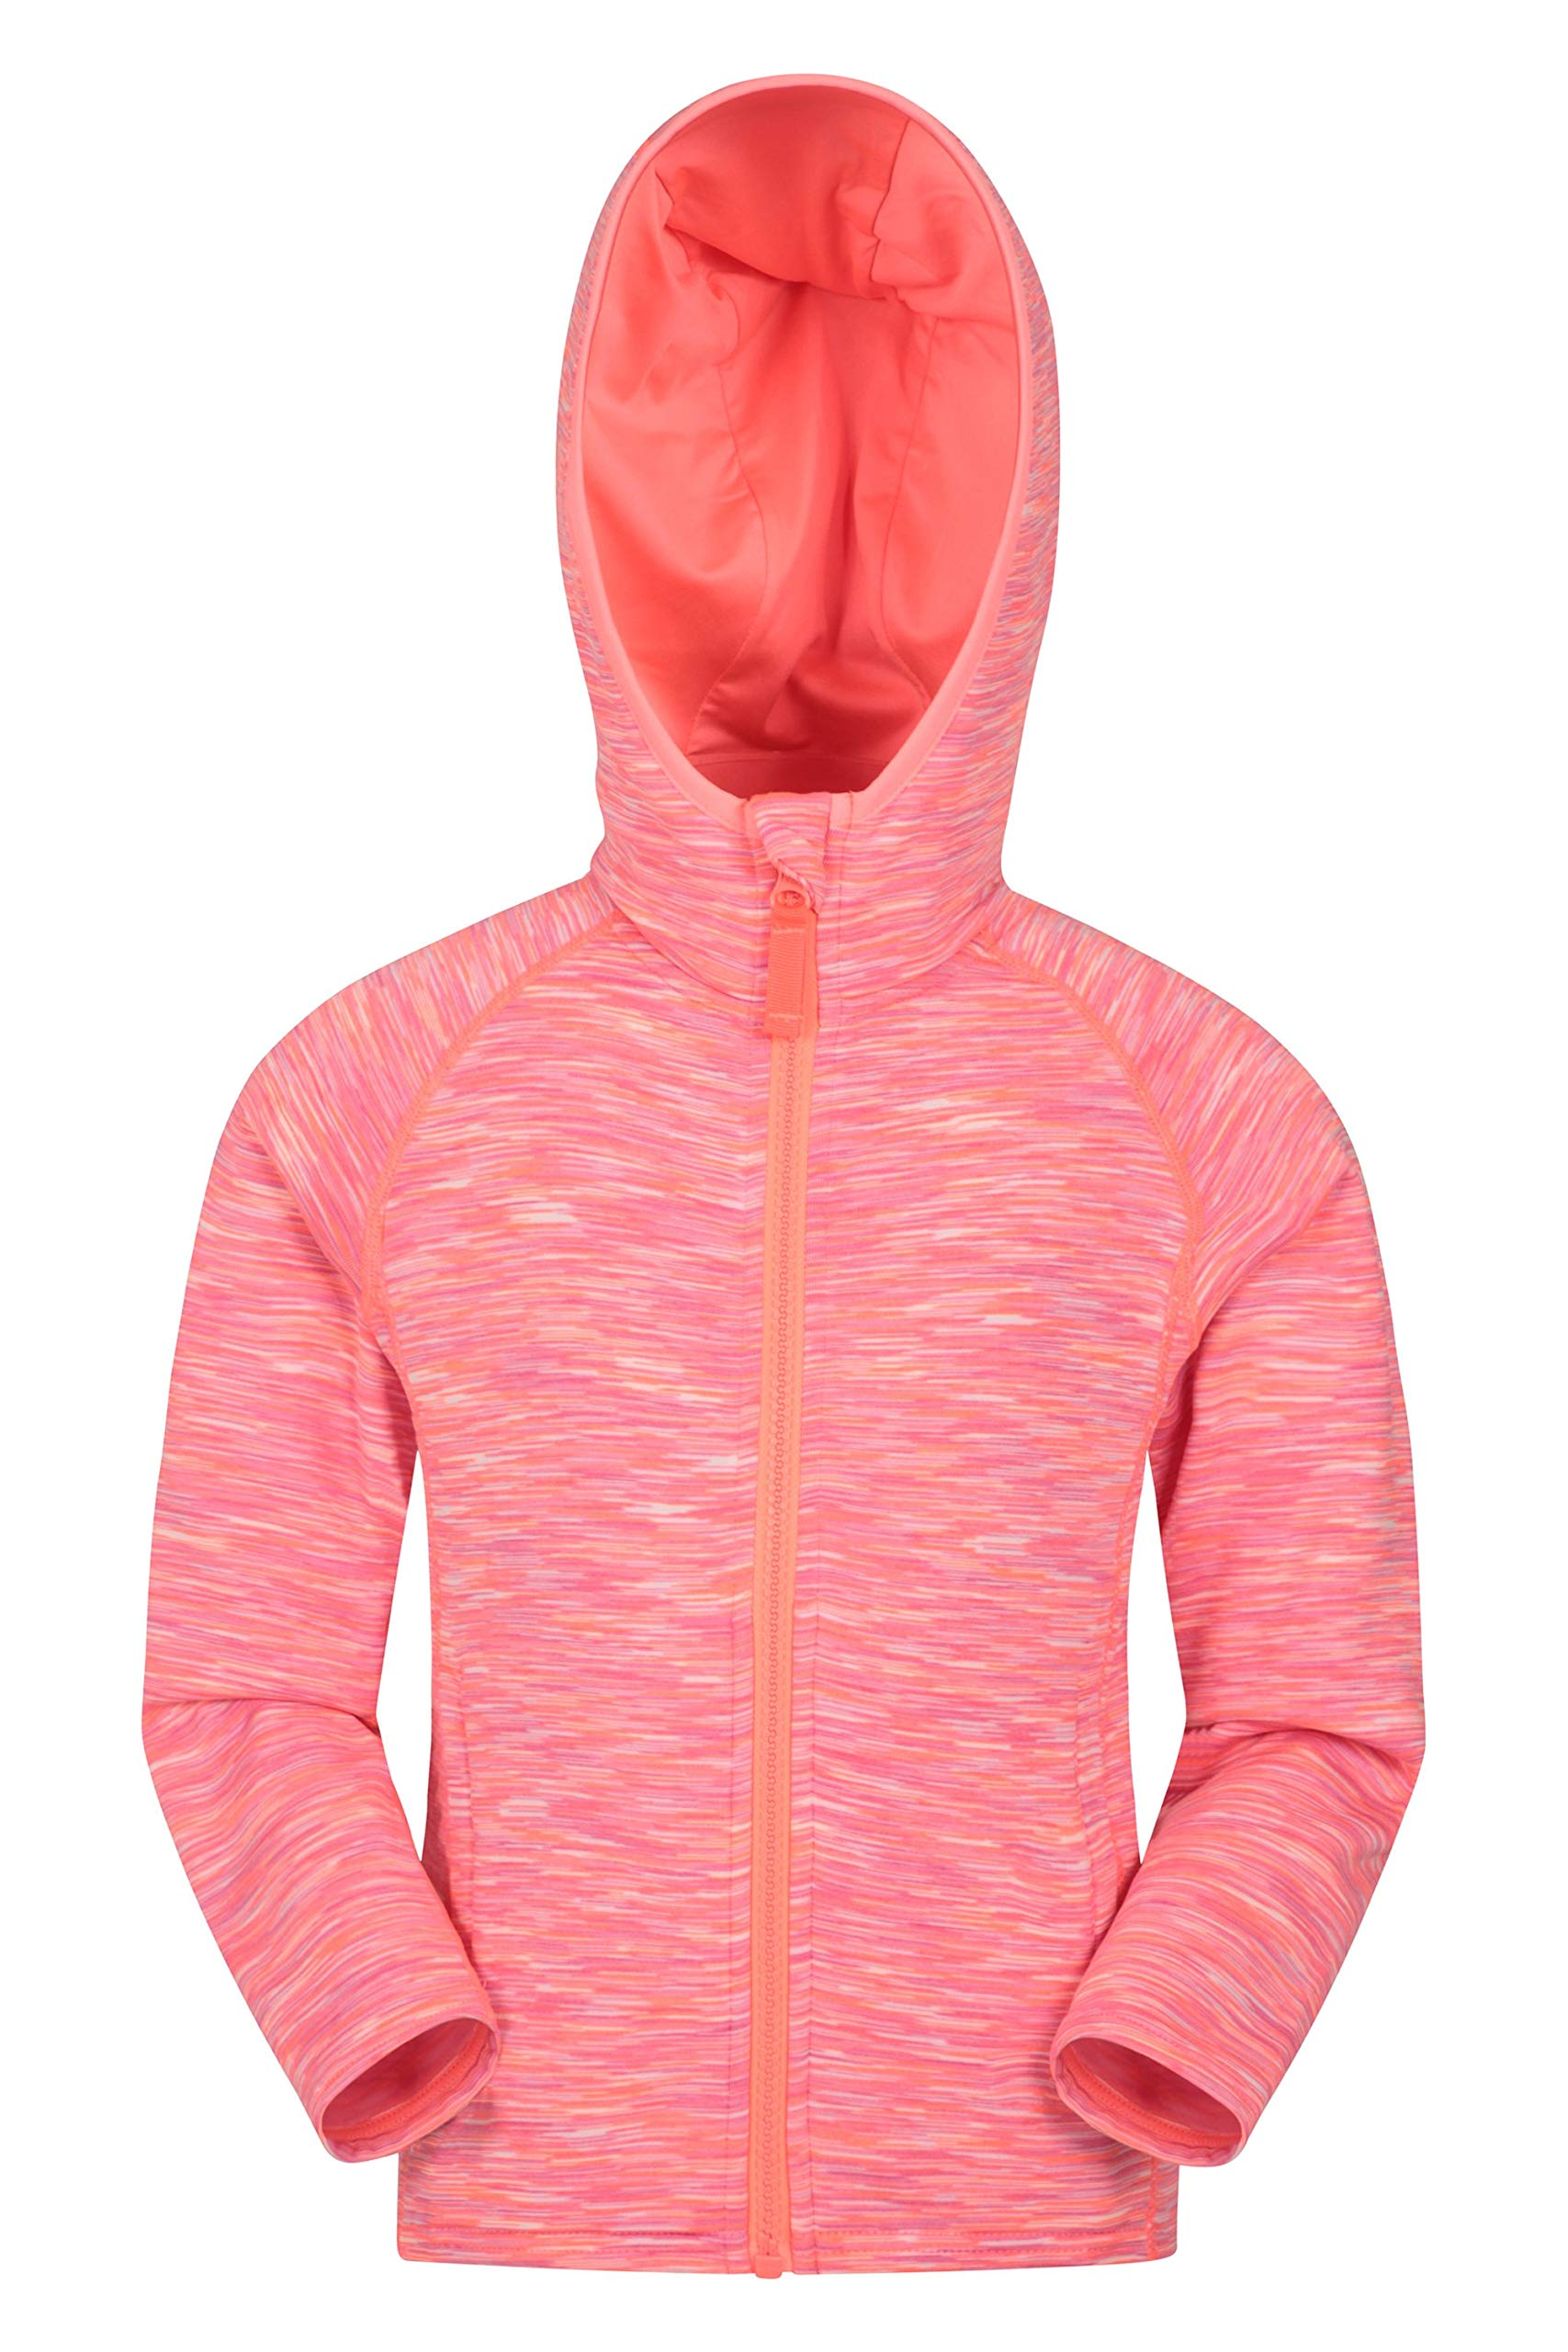 ZIPPY Jacket Fille